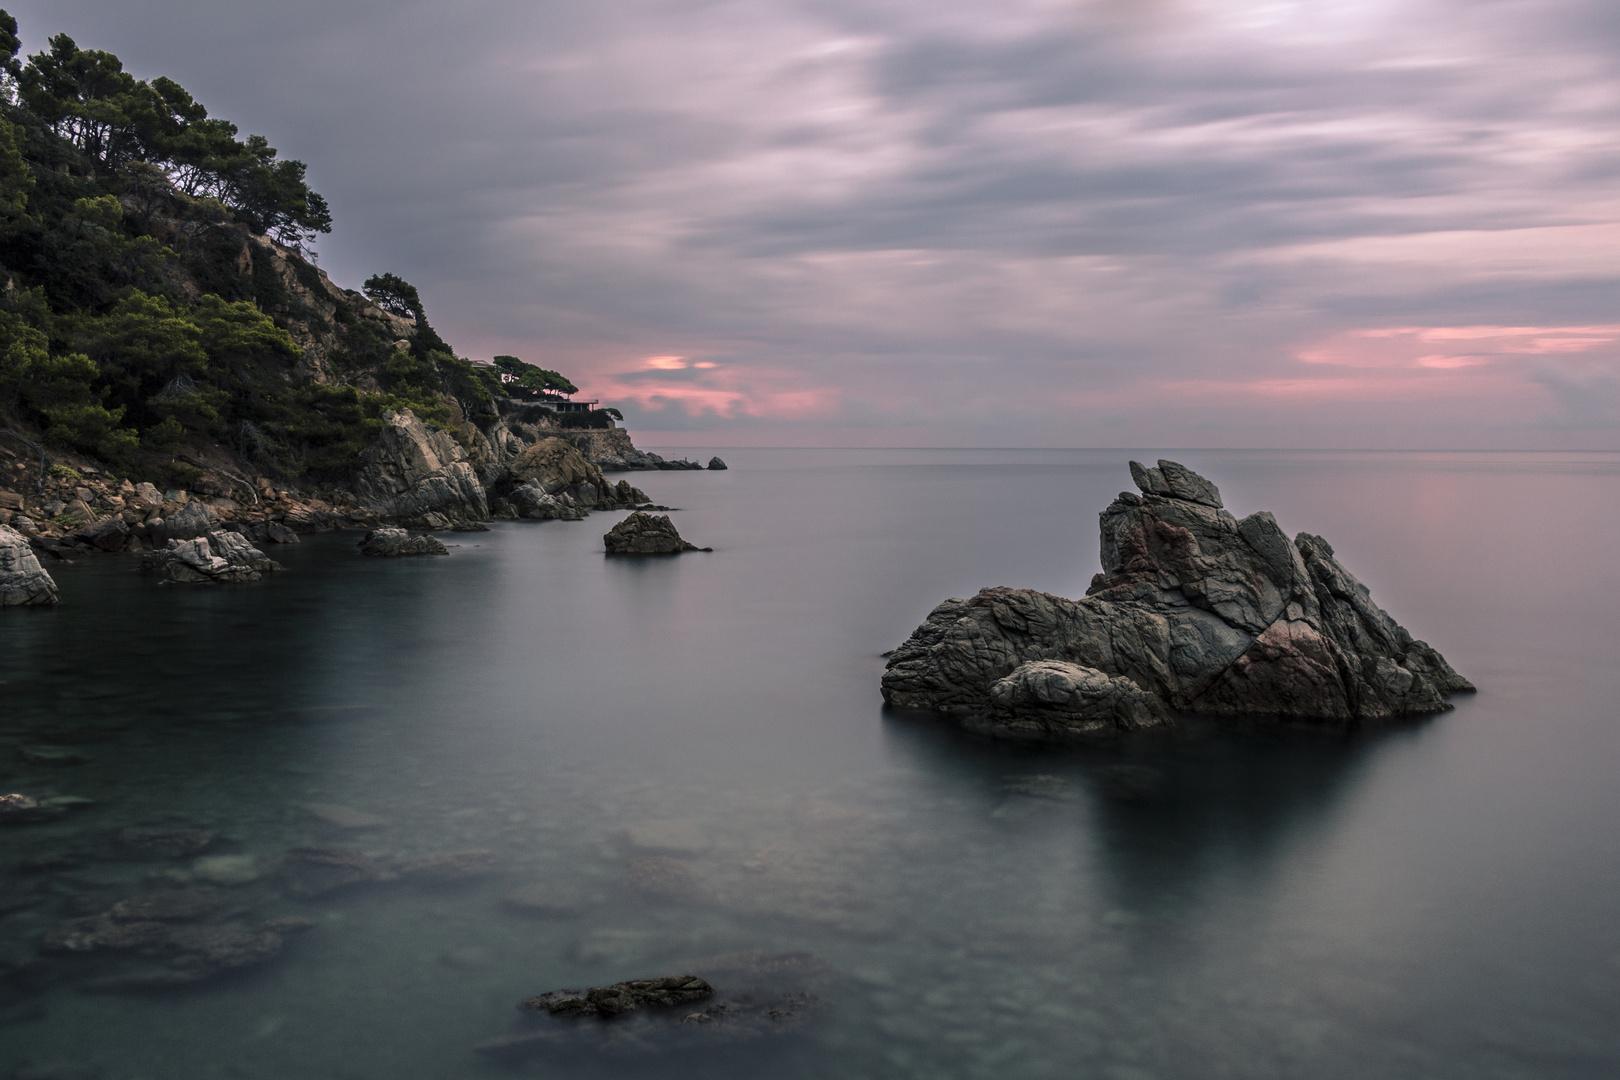 Sonnenaufgang in Lloret de Mar